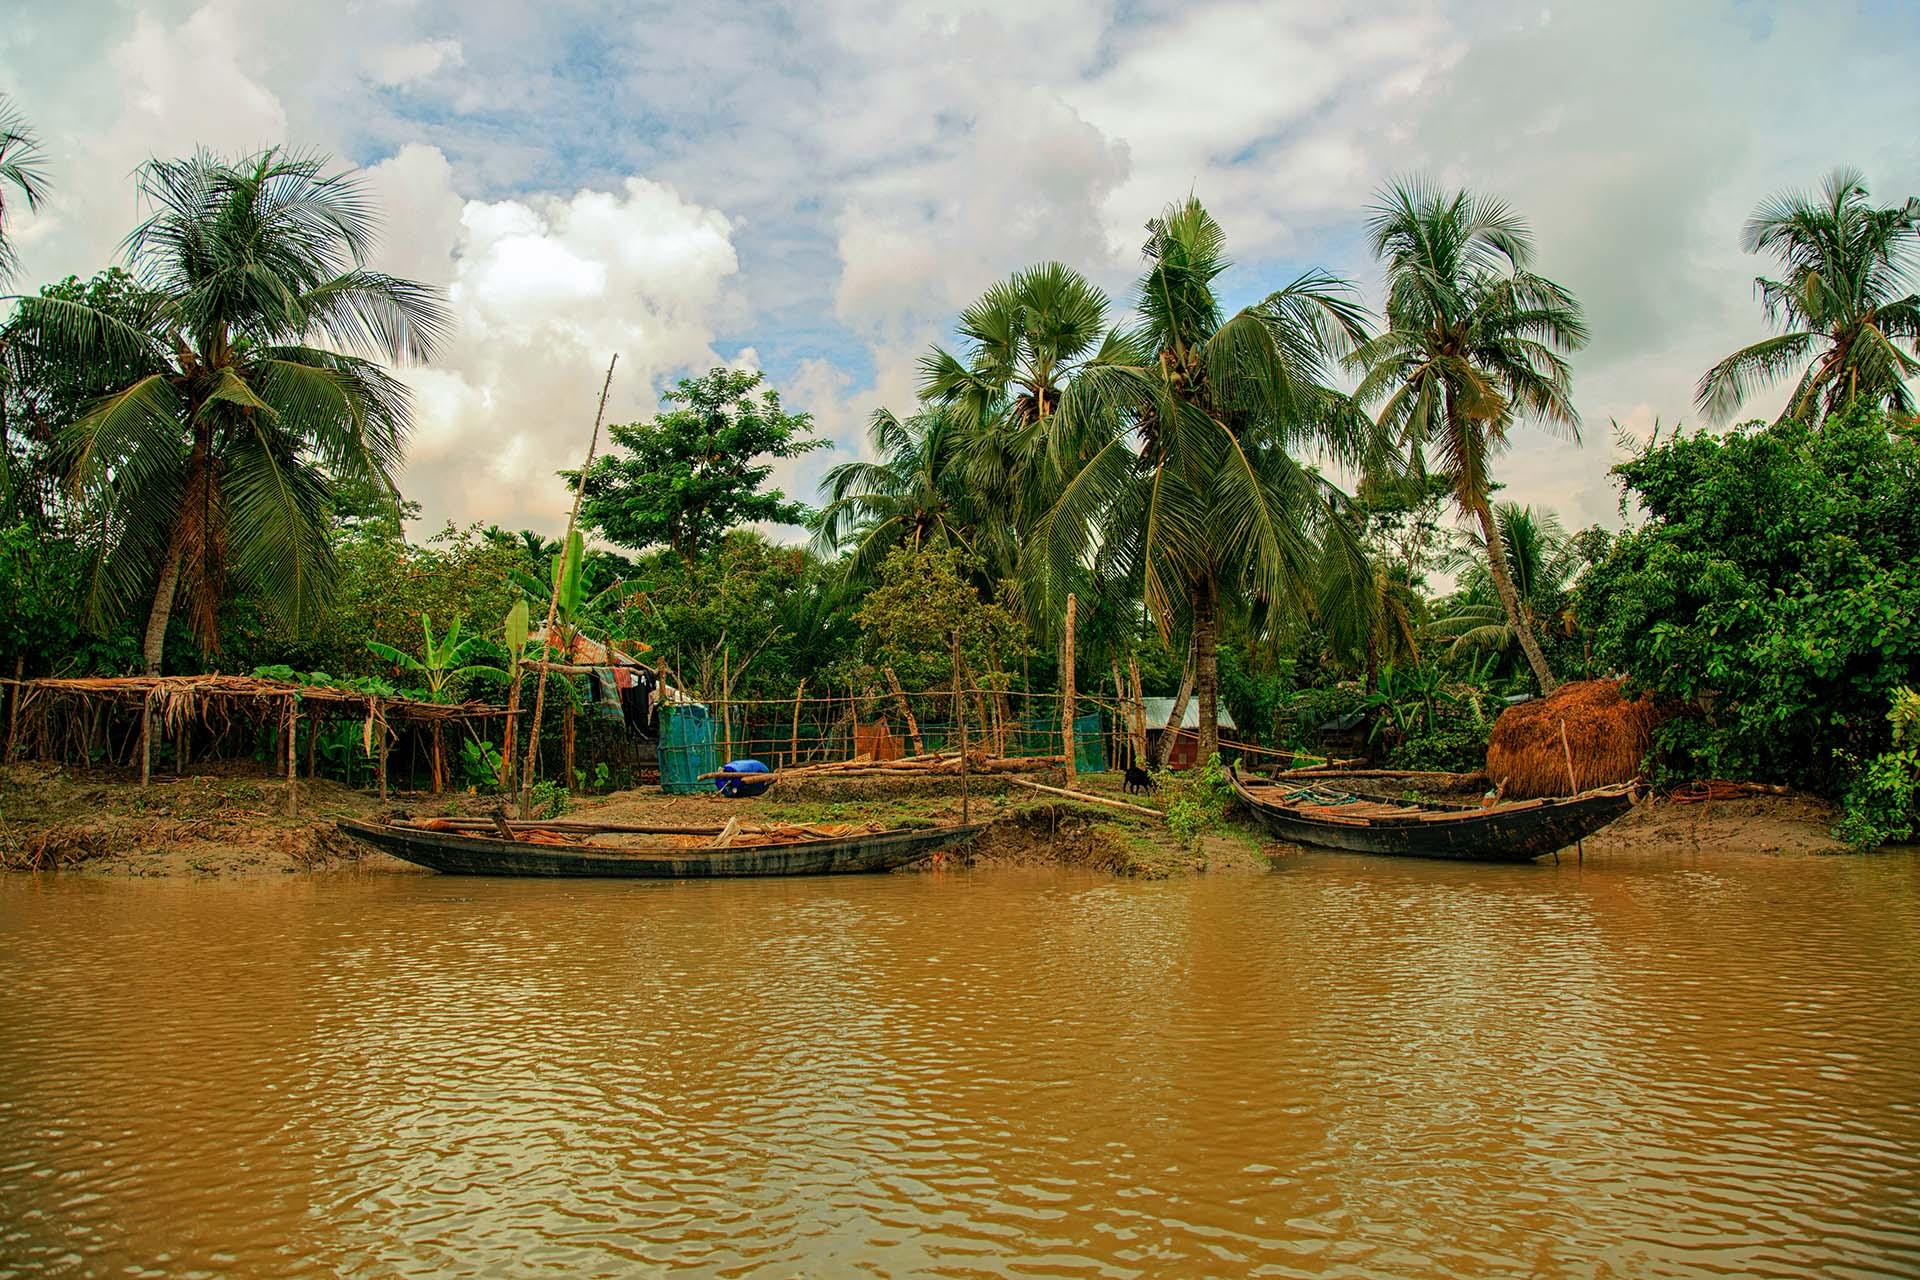 El bosque de la reserva de Sundarbans está a lo largo del delta de los ríos Ganges, Brahmaputra y Meghna. El bosque de manglar es el más grande del mundo, con un 60% del área en Bangladesh y el resto en India. Los Sundarbans, declarados Patrimonio de la Humanidad por la UNESCO, sirven como hábitat excepcionalmente diverso para una gran cantidad de plantas y animales, incluido el tigre real de Bengala